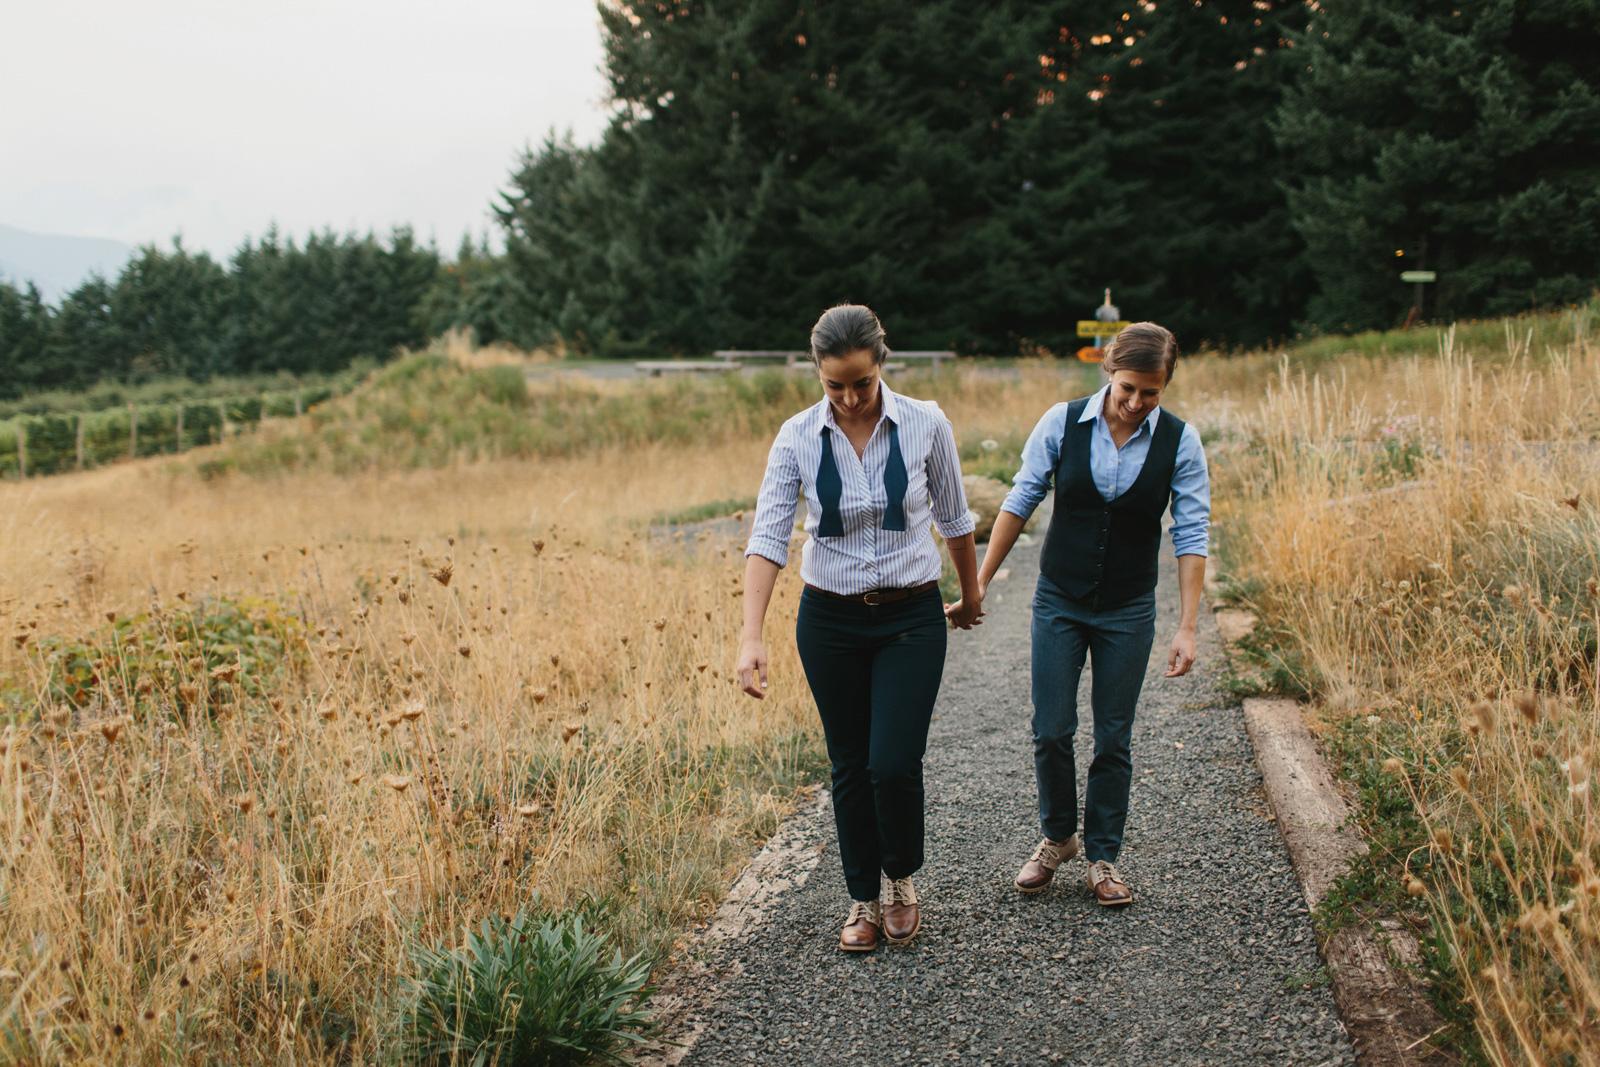 Gorge-Crest-Vineyards-Wedding_145-1.jpg